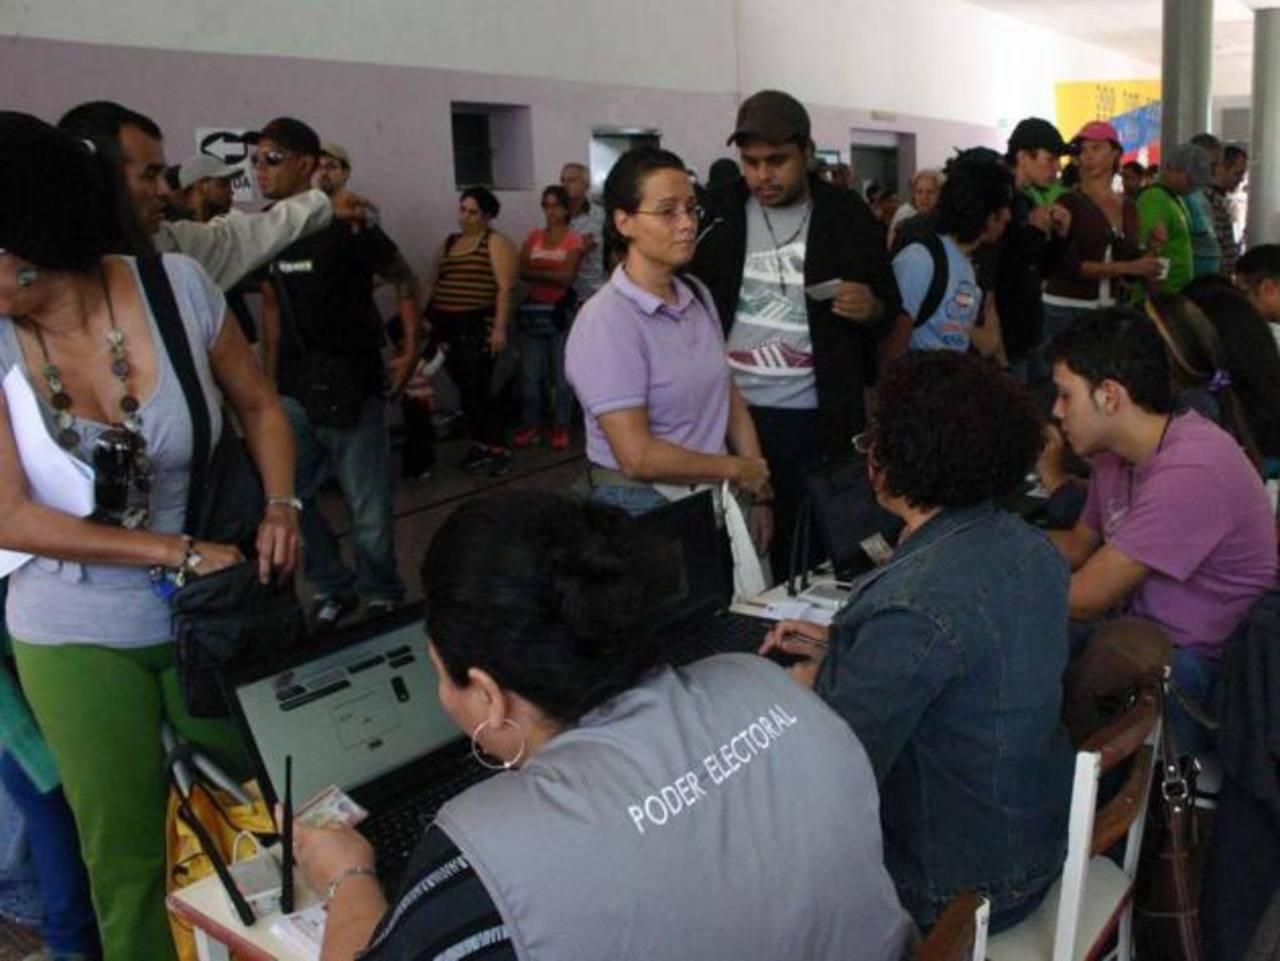 Millones de venezolanos acudirán a las urnas el próximo domingo para elegir al nuevo presidente de ese país. foto edh / archivo